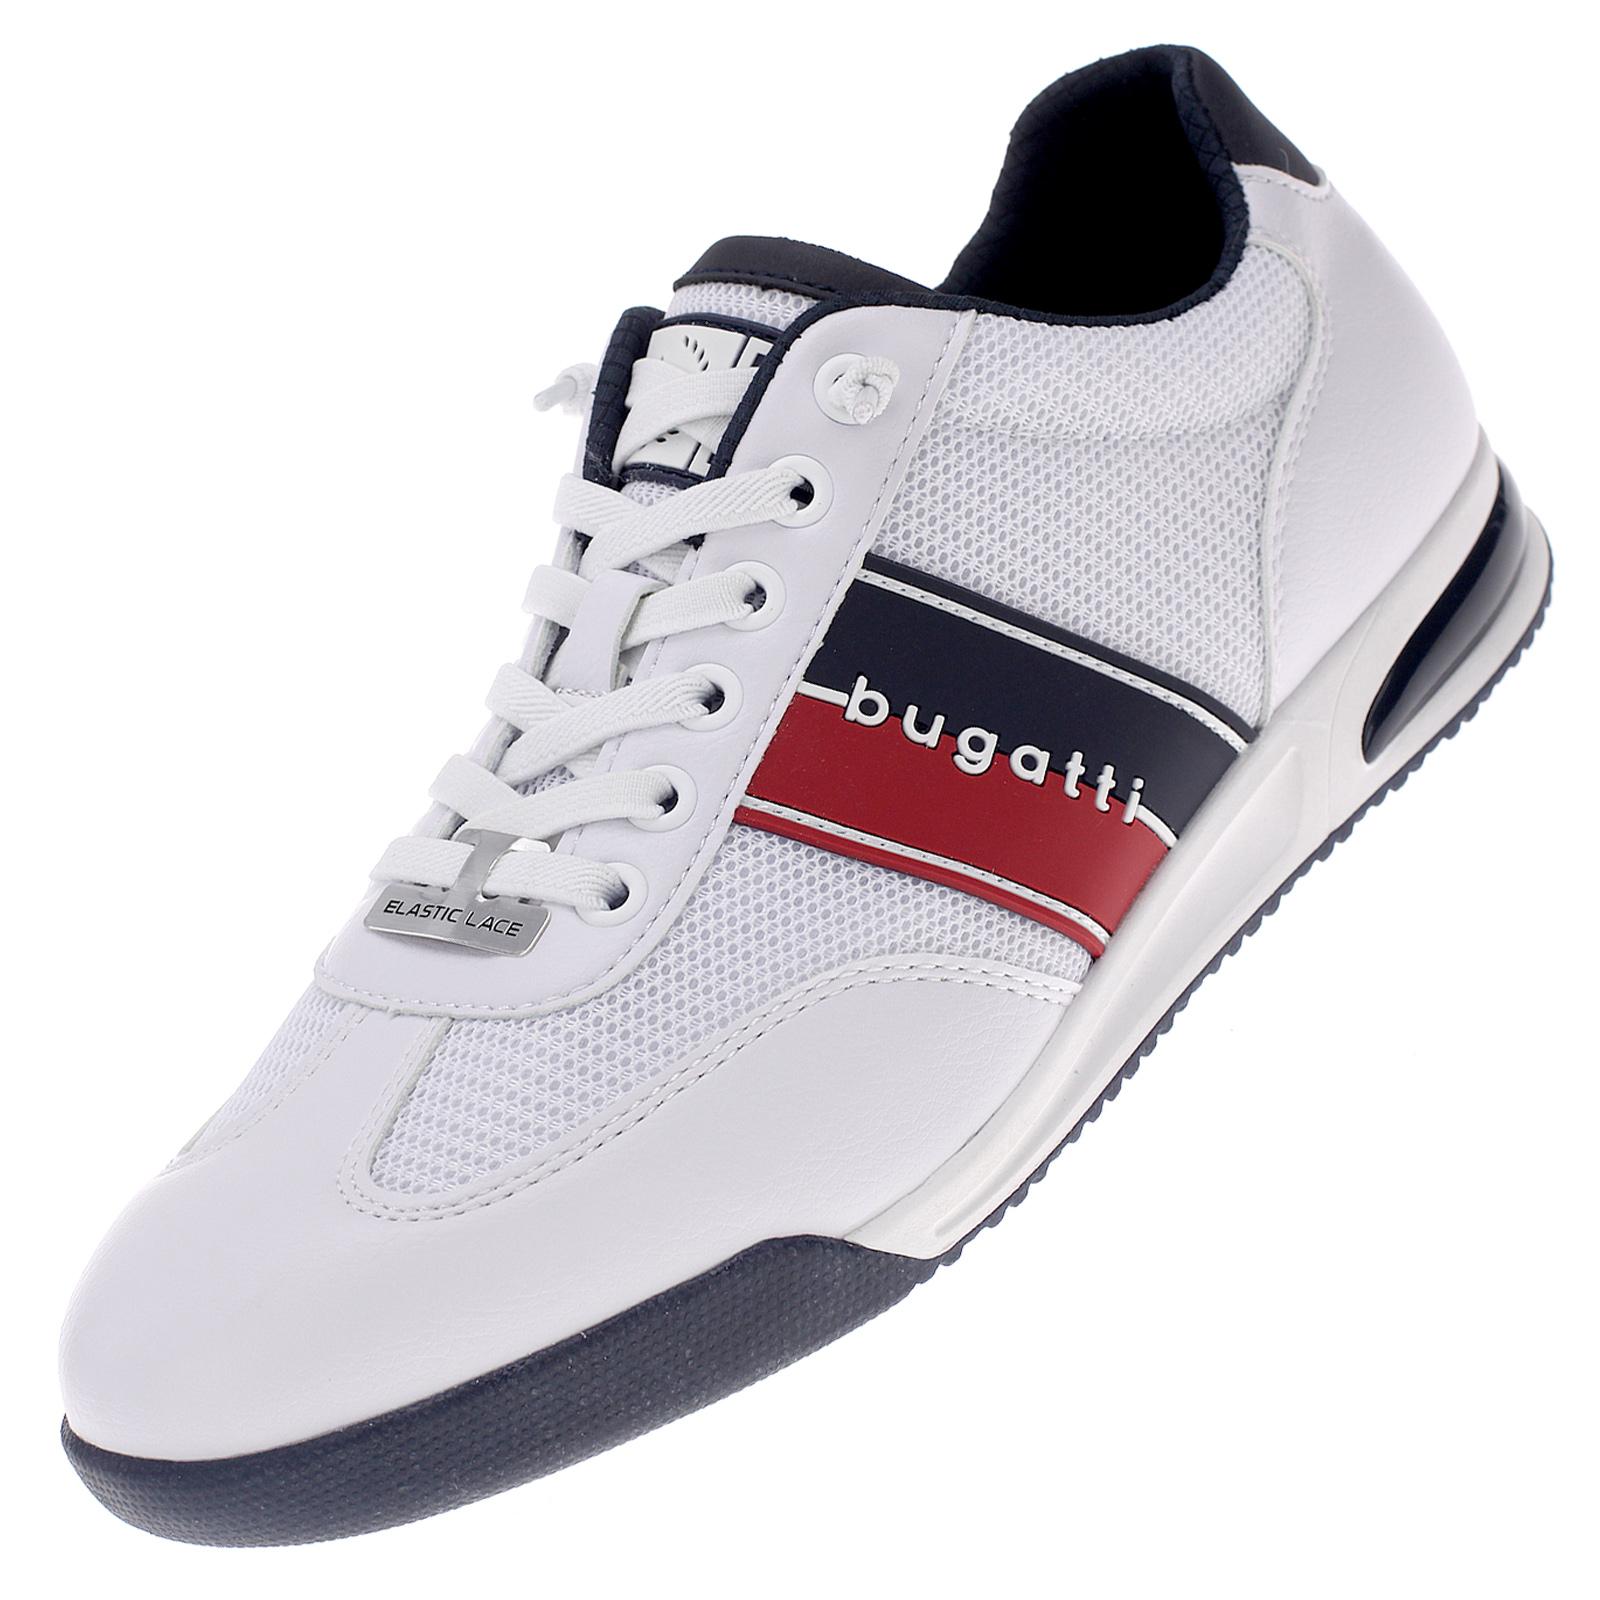 Bugatti Herren Sneaker Schuhe Slipper Halbschuhe Freizeitschuhe